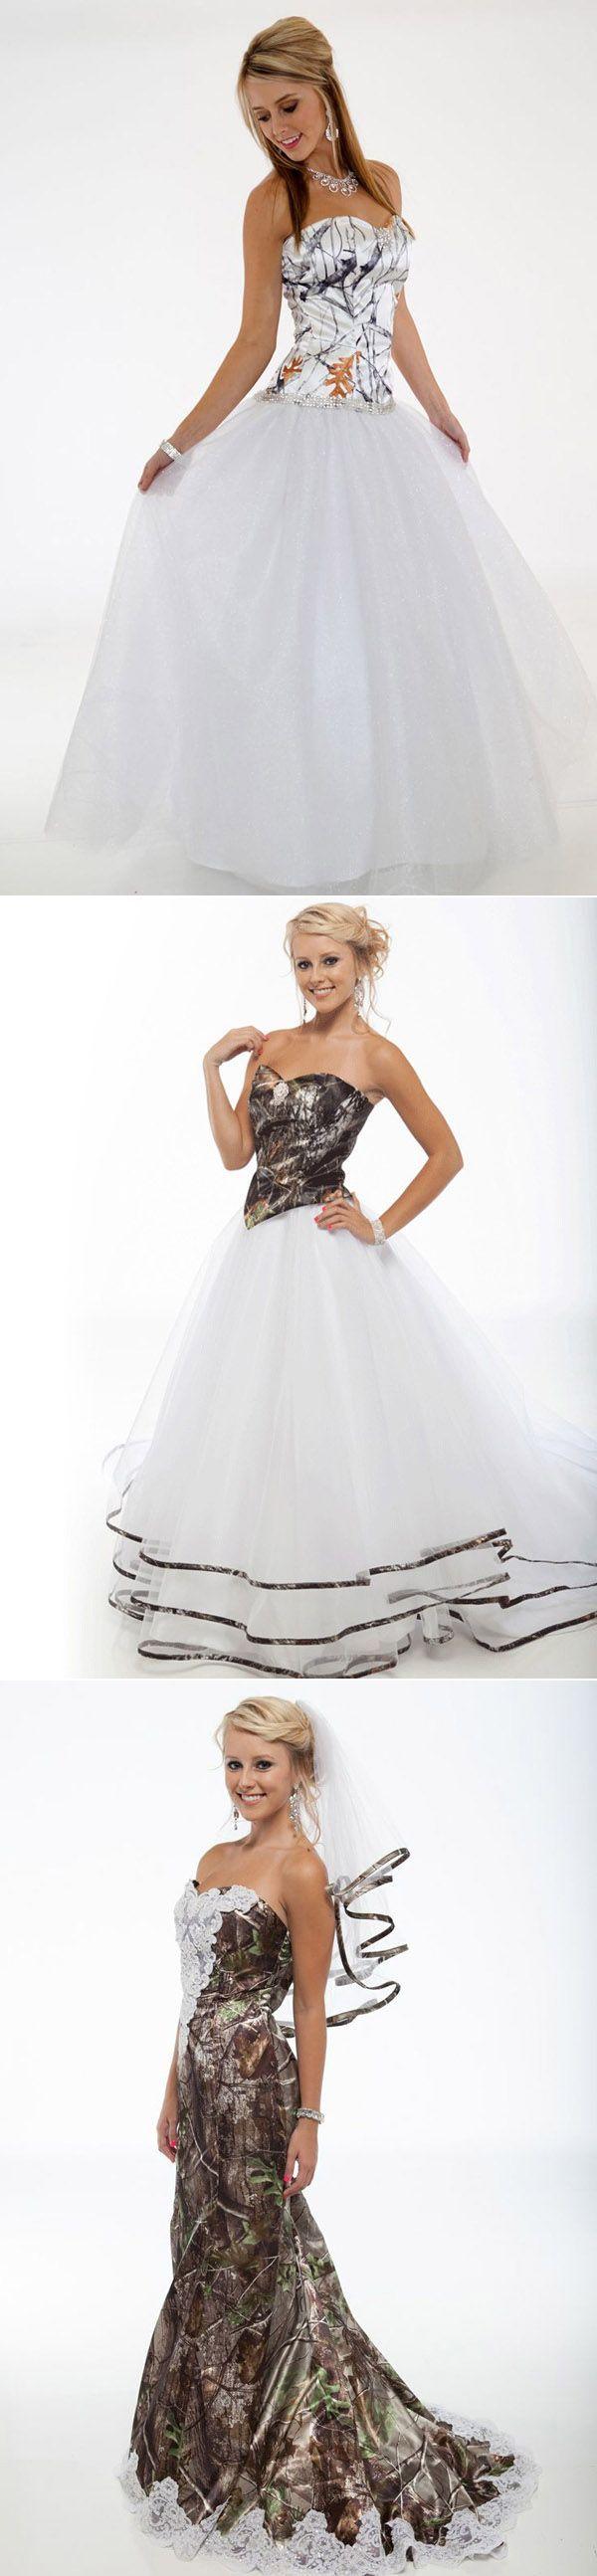 Redneck wedding dress  gorgeous white and camo wedding dresses for camo weddings